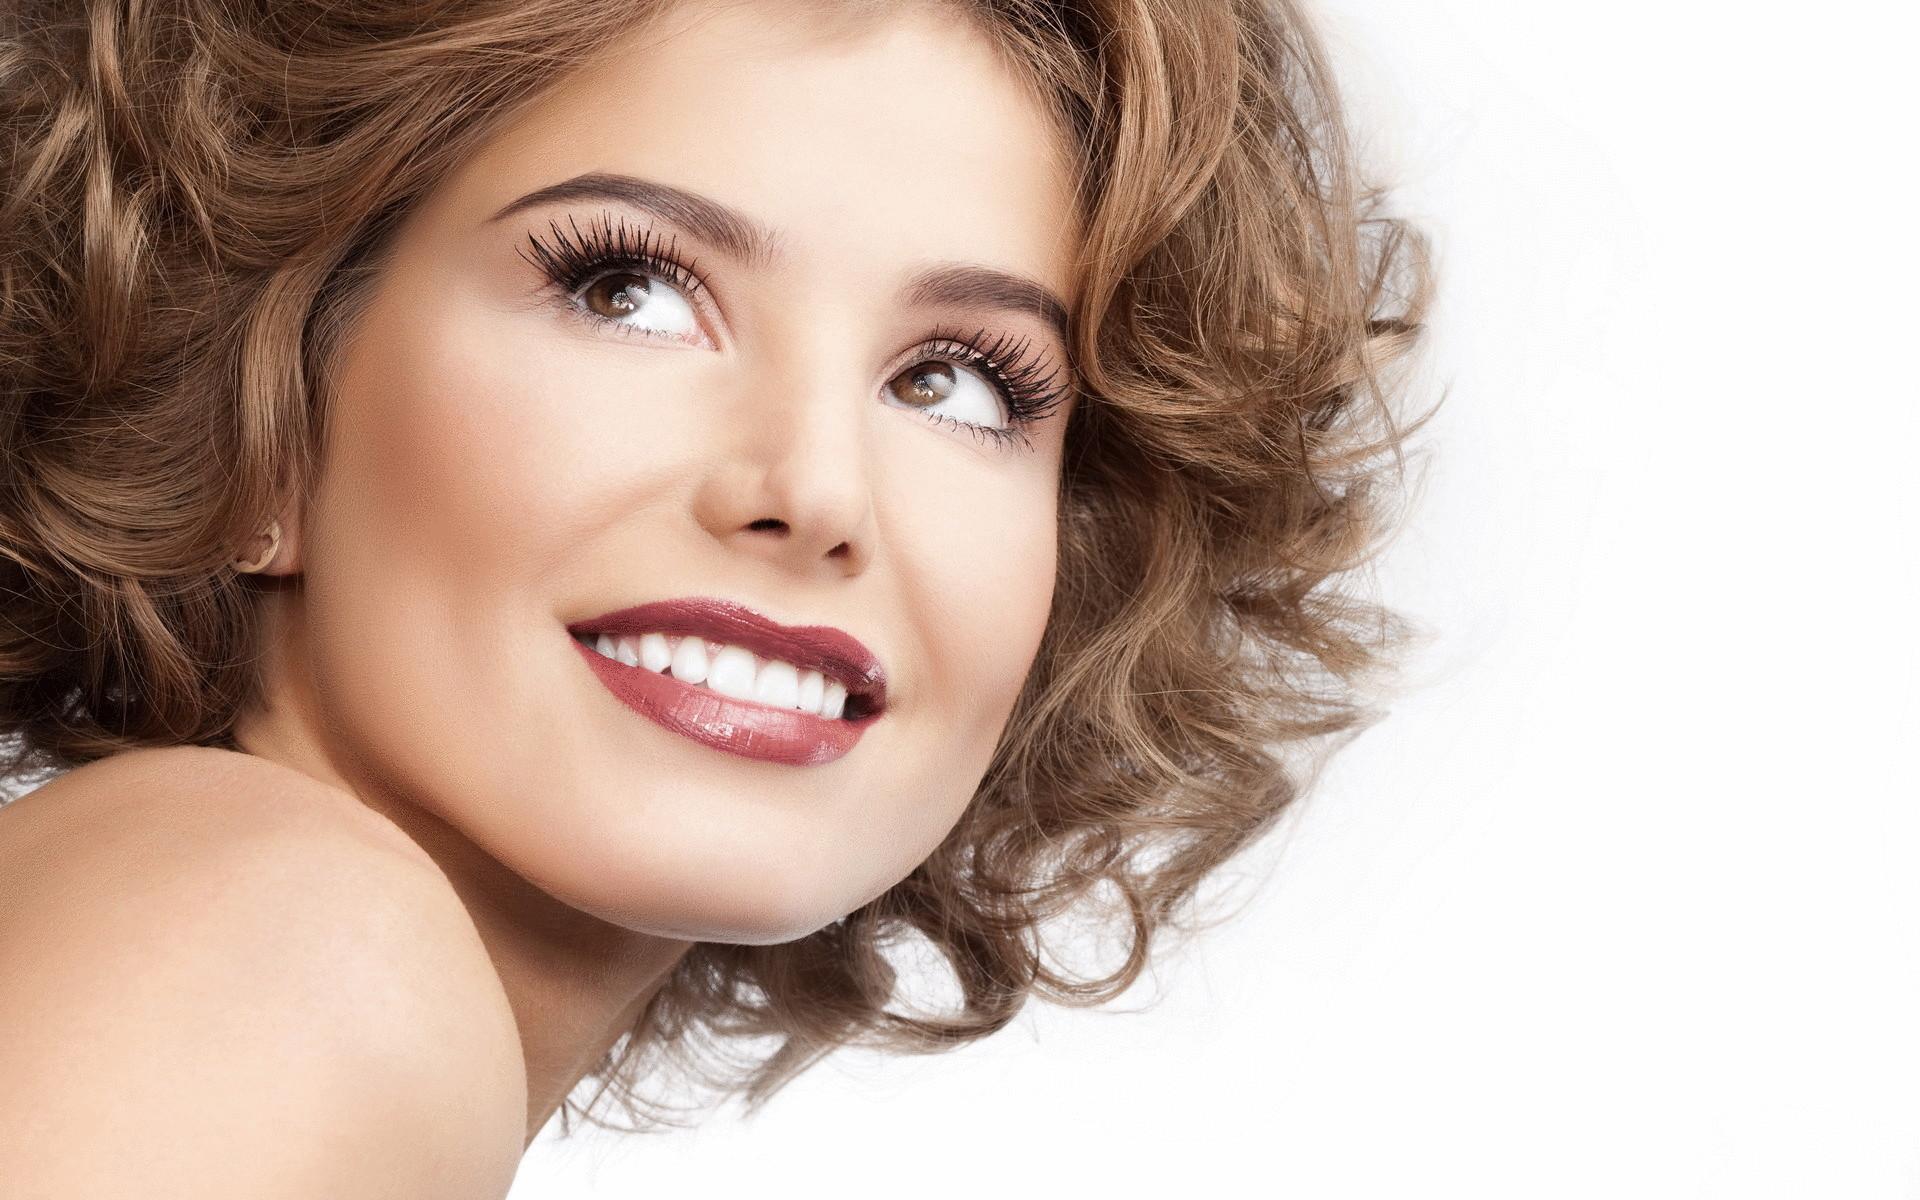 Красивая улыбка – залог жизненного успеха